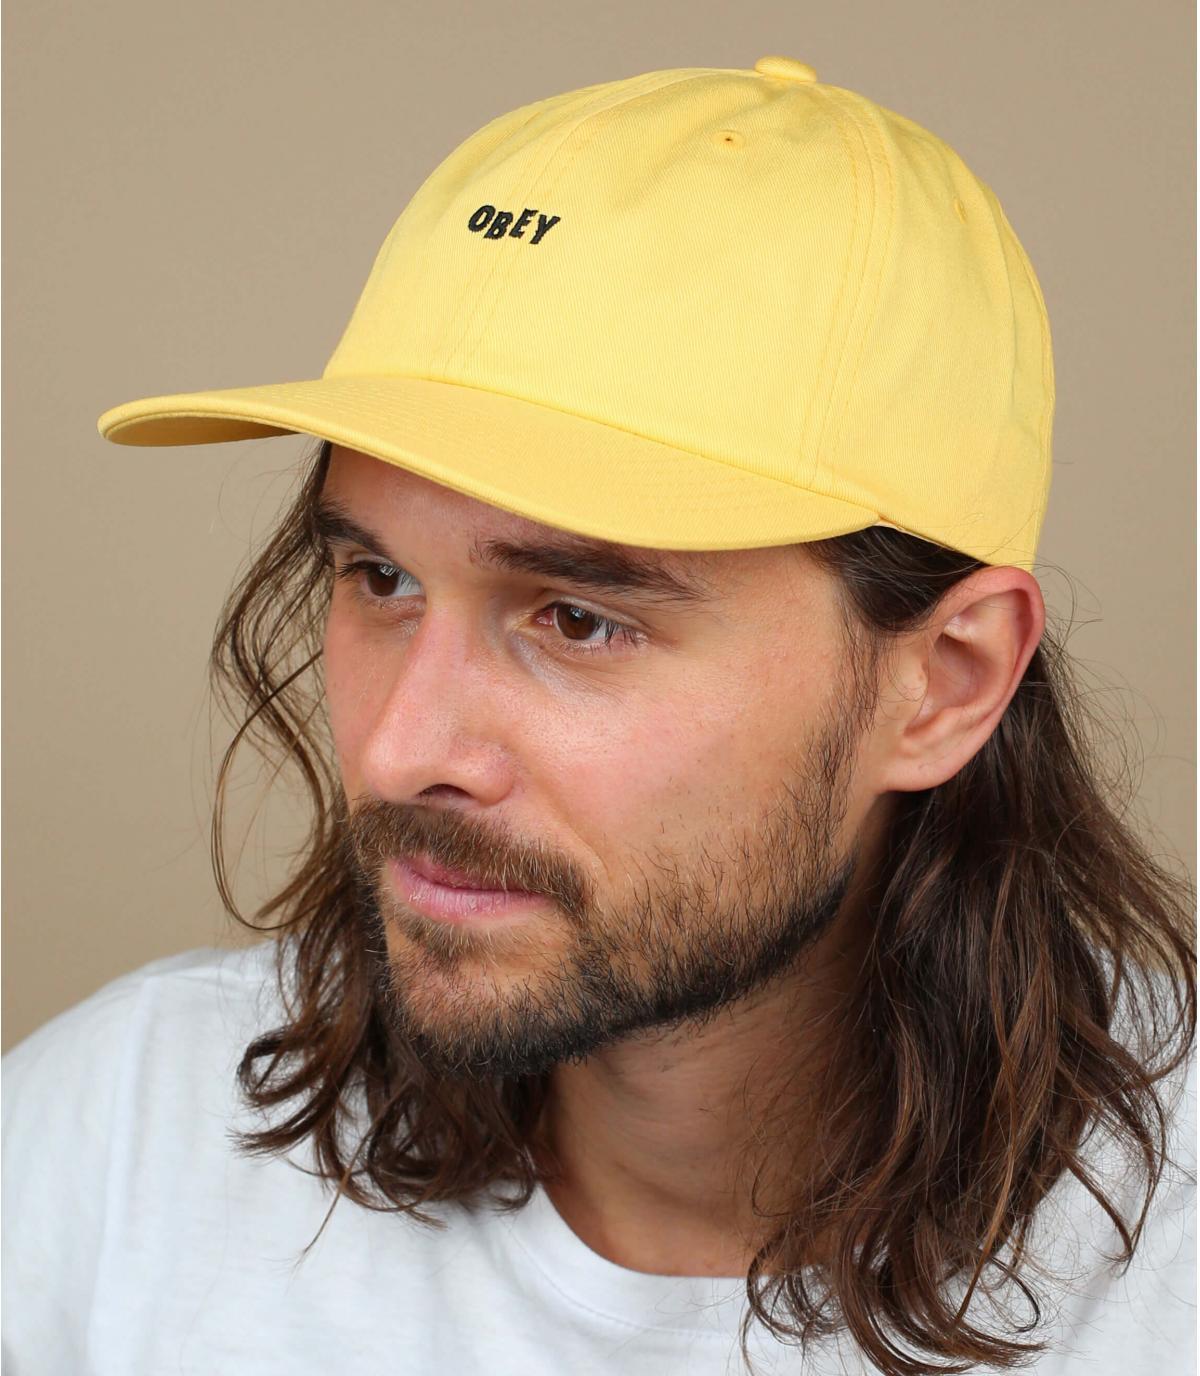 geel Obey cap